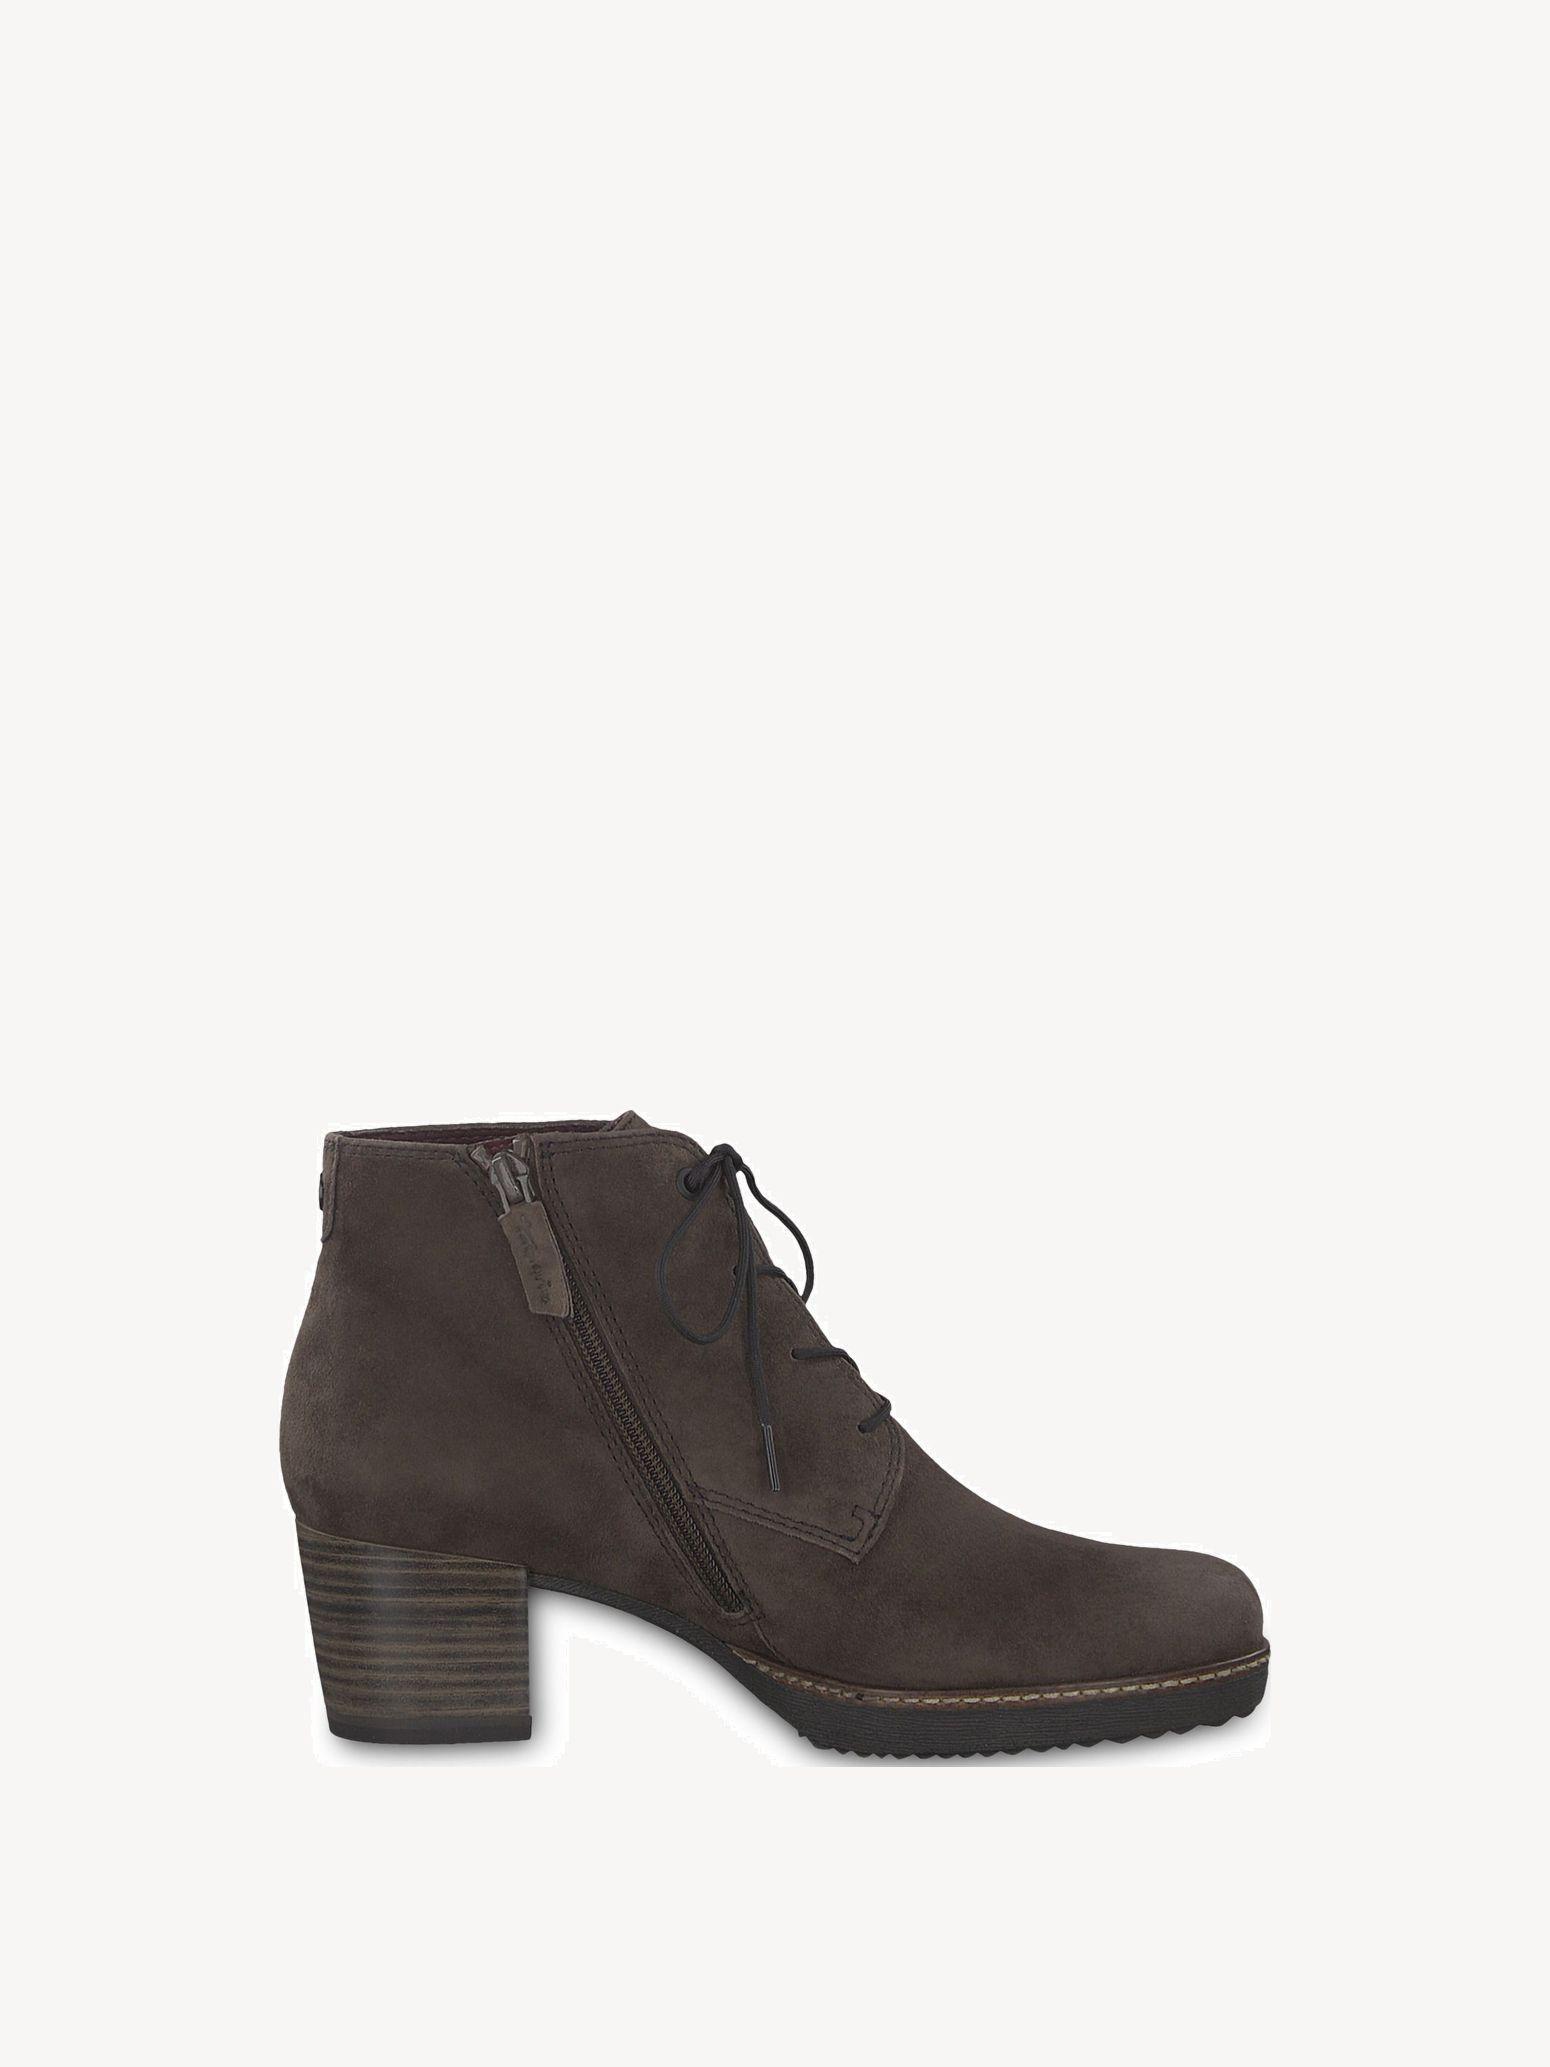 Renada 1 1 25109 21 Buy Tamaris Booties Online